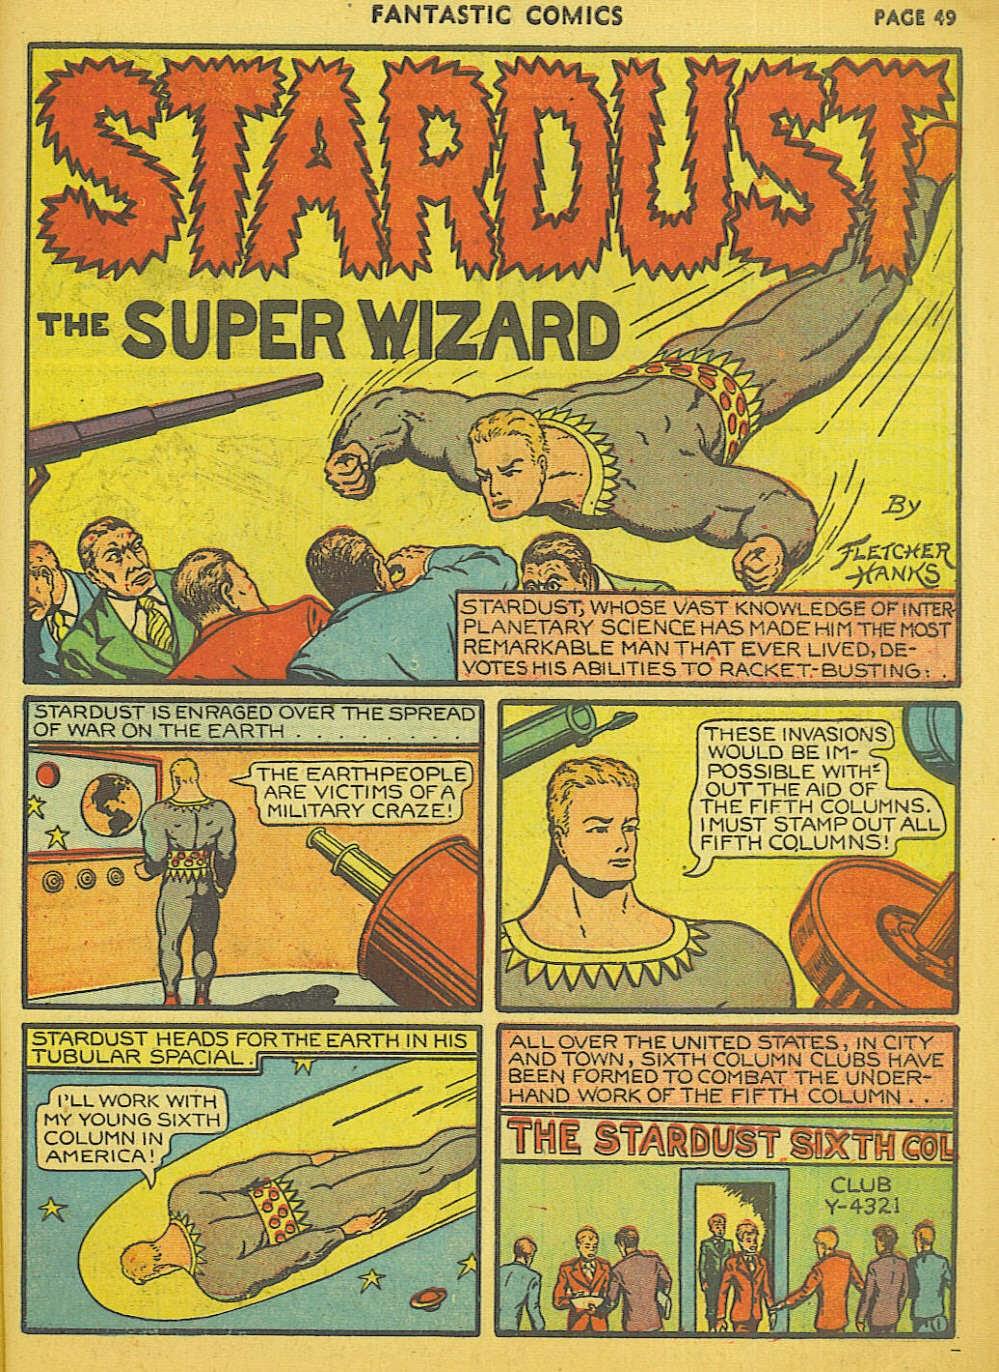 Read online Fantastic Comics comic -  Issue #15 - 43